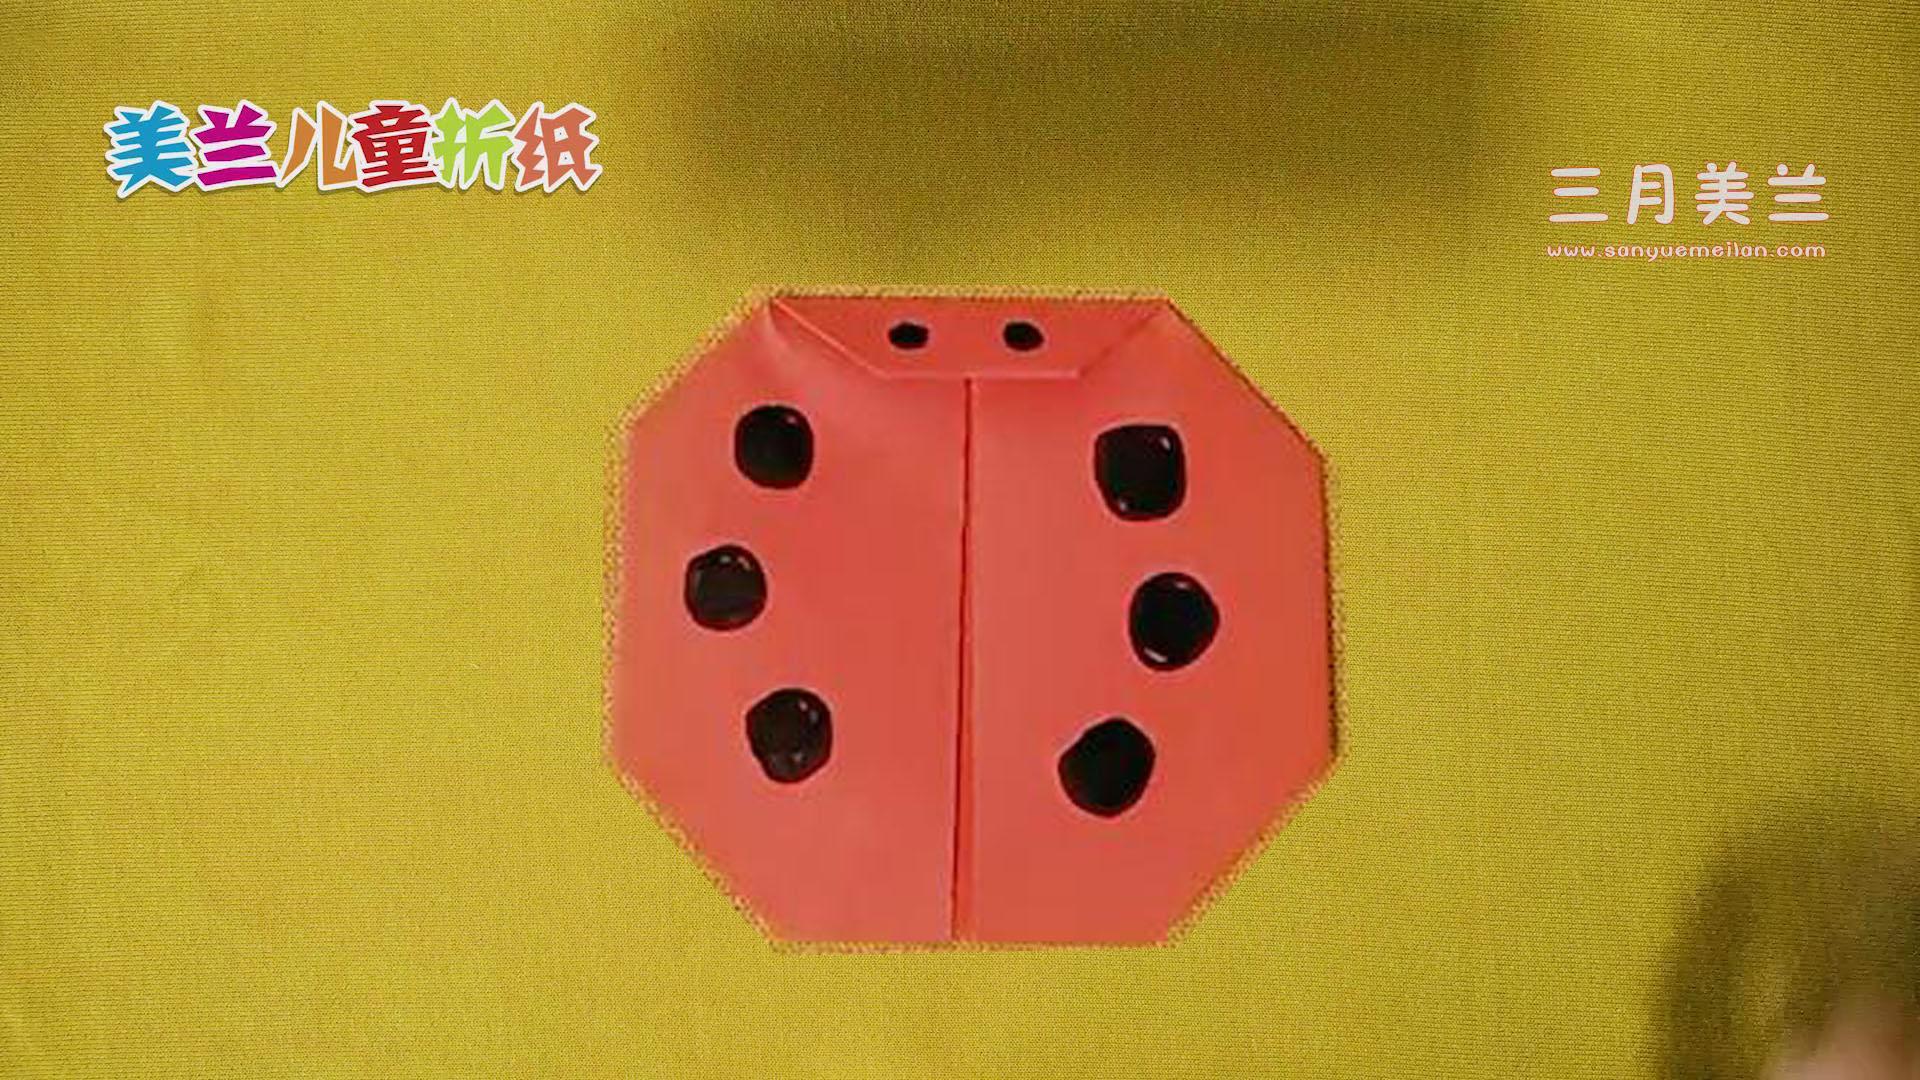 儿童折纸视频教程,手工折纸如何折瓢虫教程,美兰儿童折纸大全